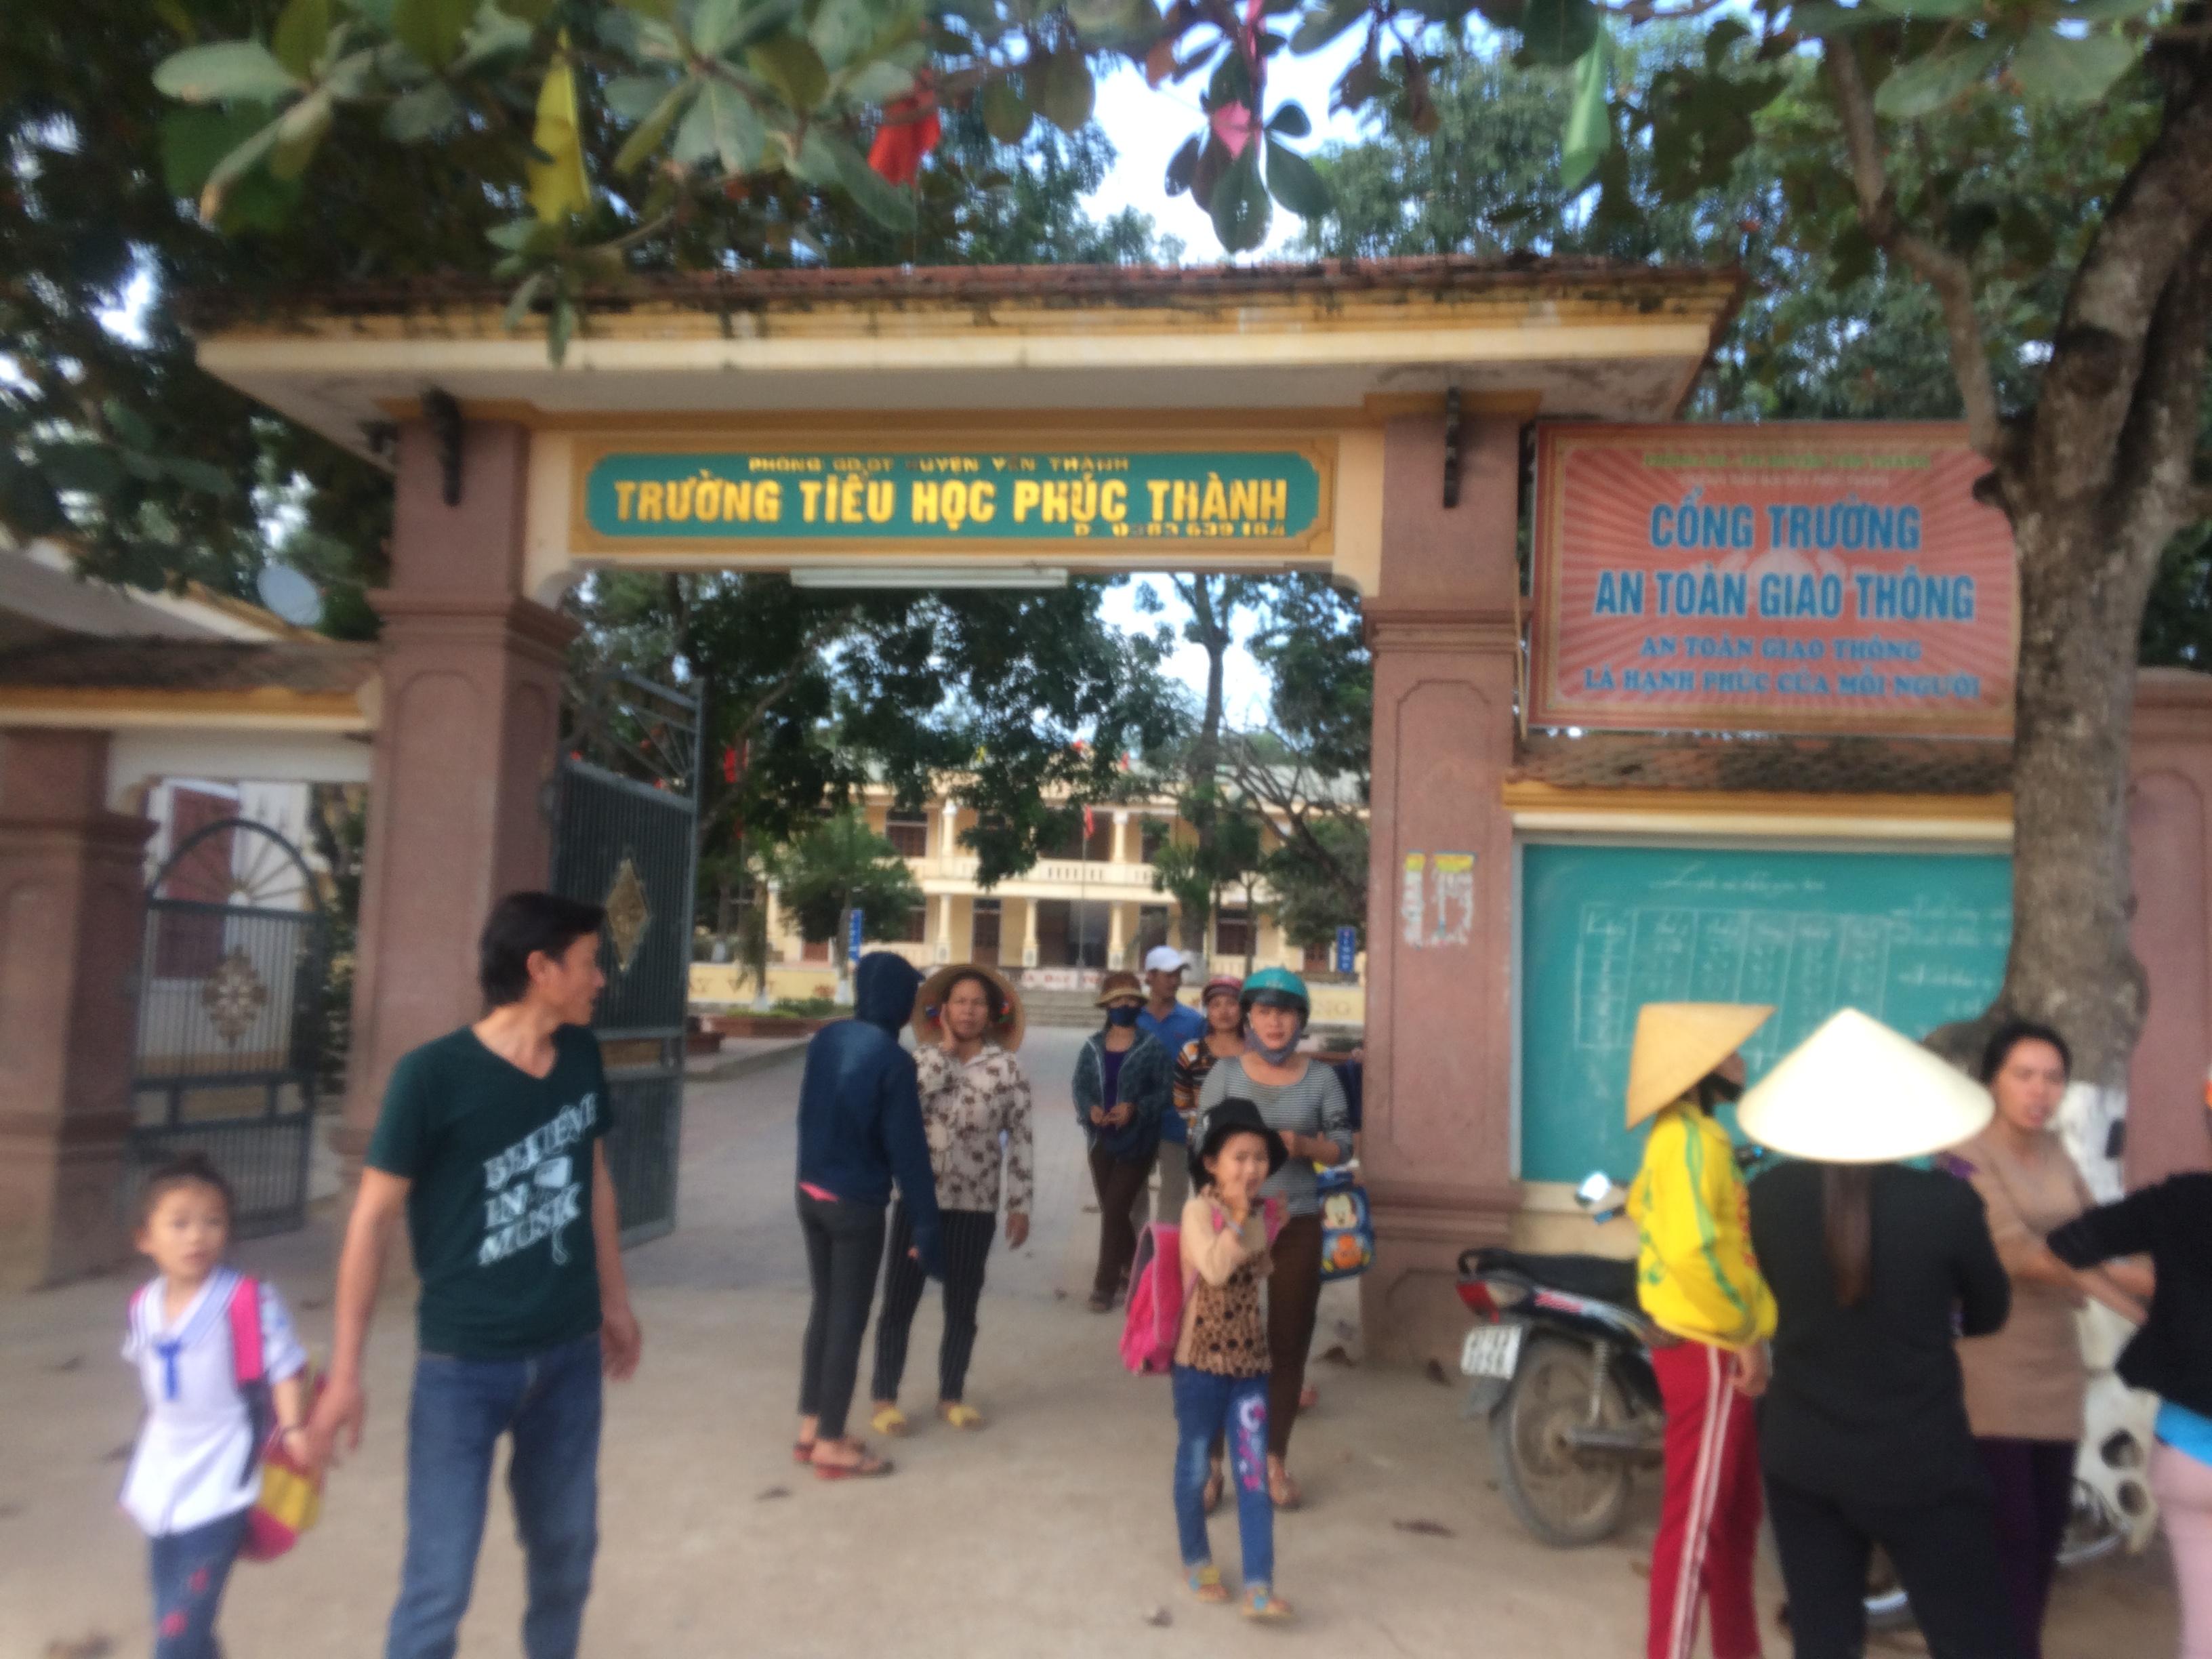 Phụ huynh trường tiểu học ở Nghệ An tức giận vì trường lạm thu